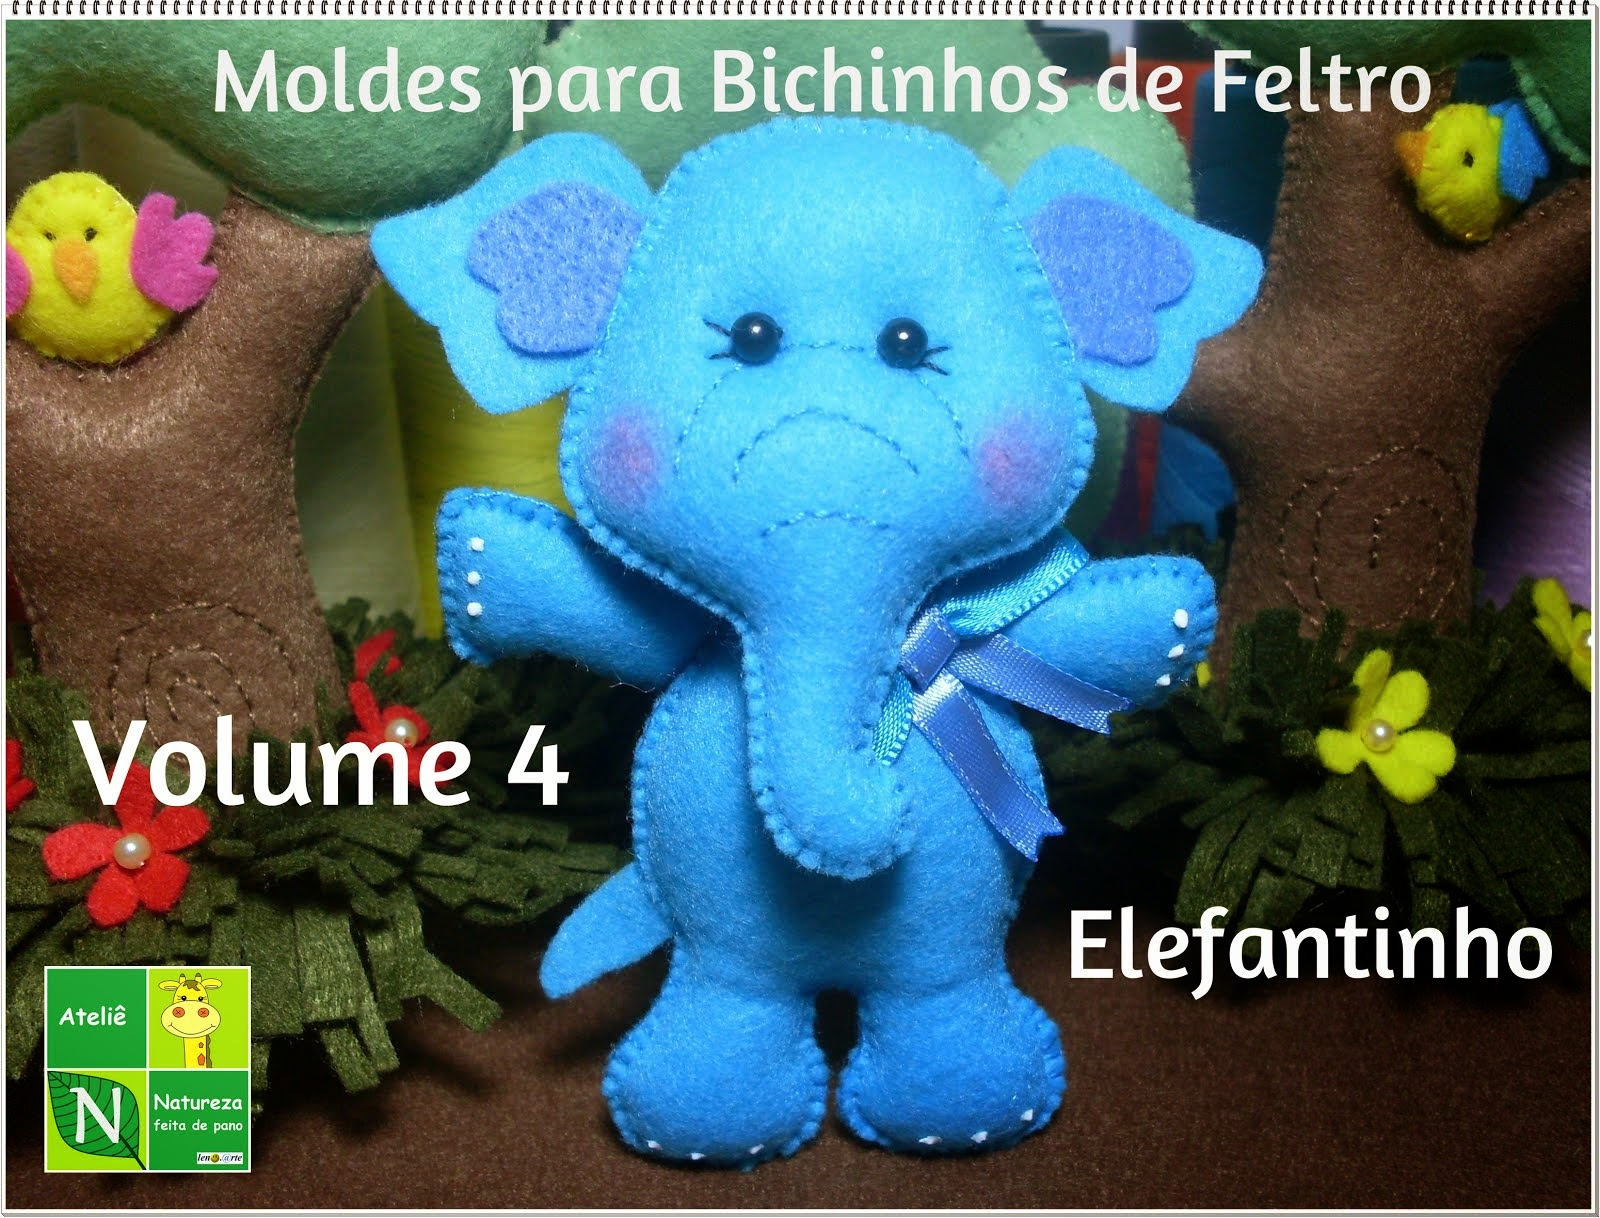 Apostila Digital/Moldes para Bichinhos de Feltro Volume 4 Elefantinho